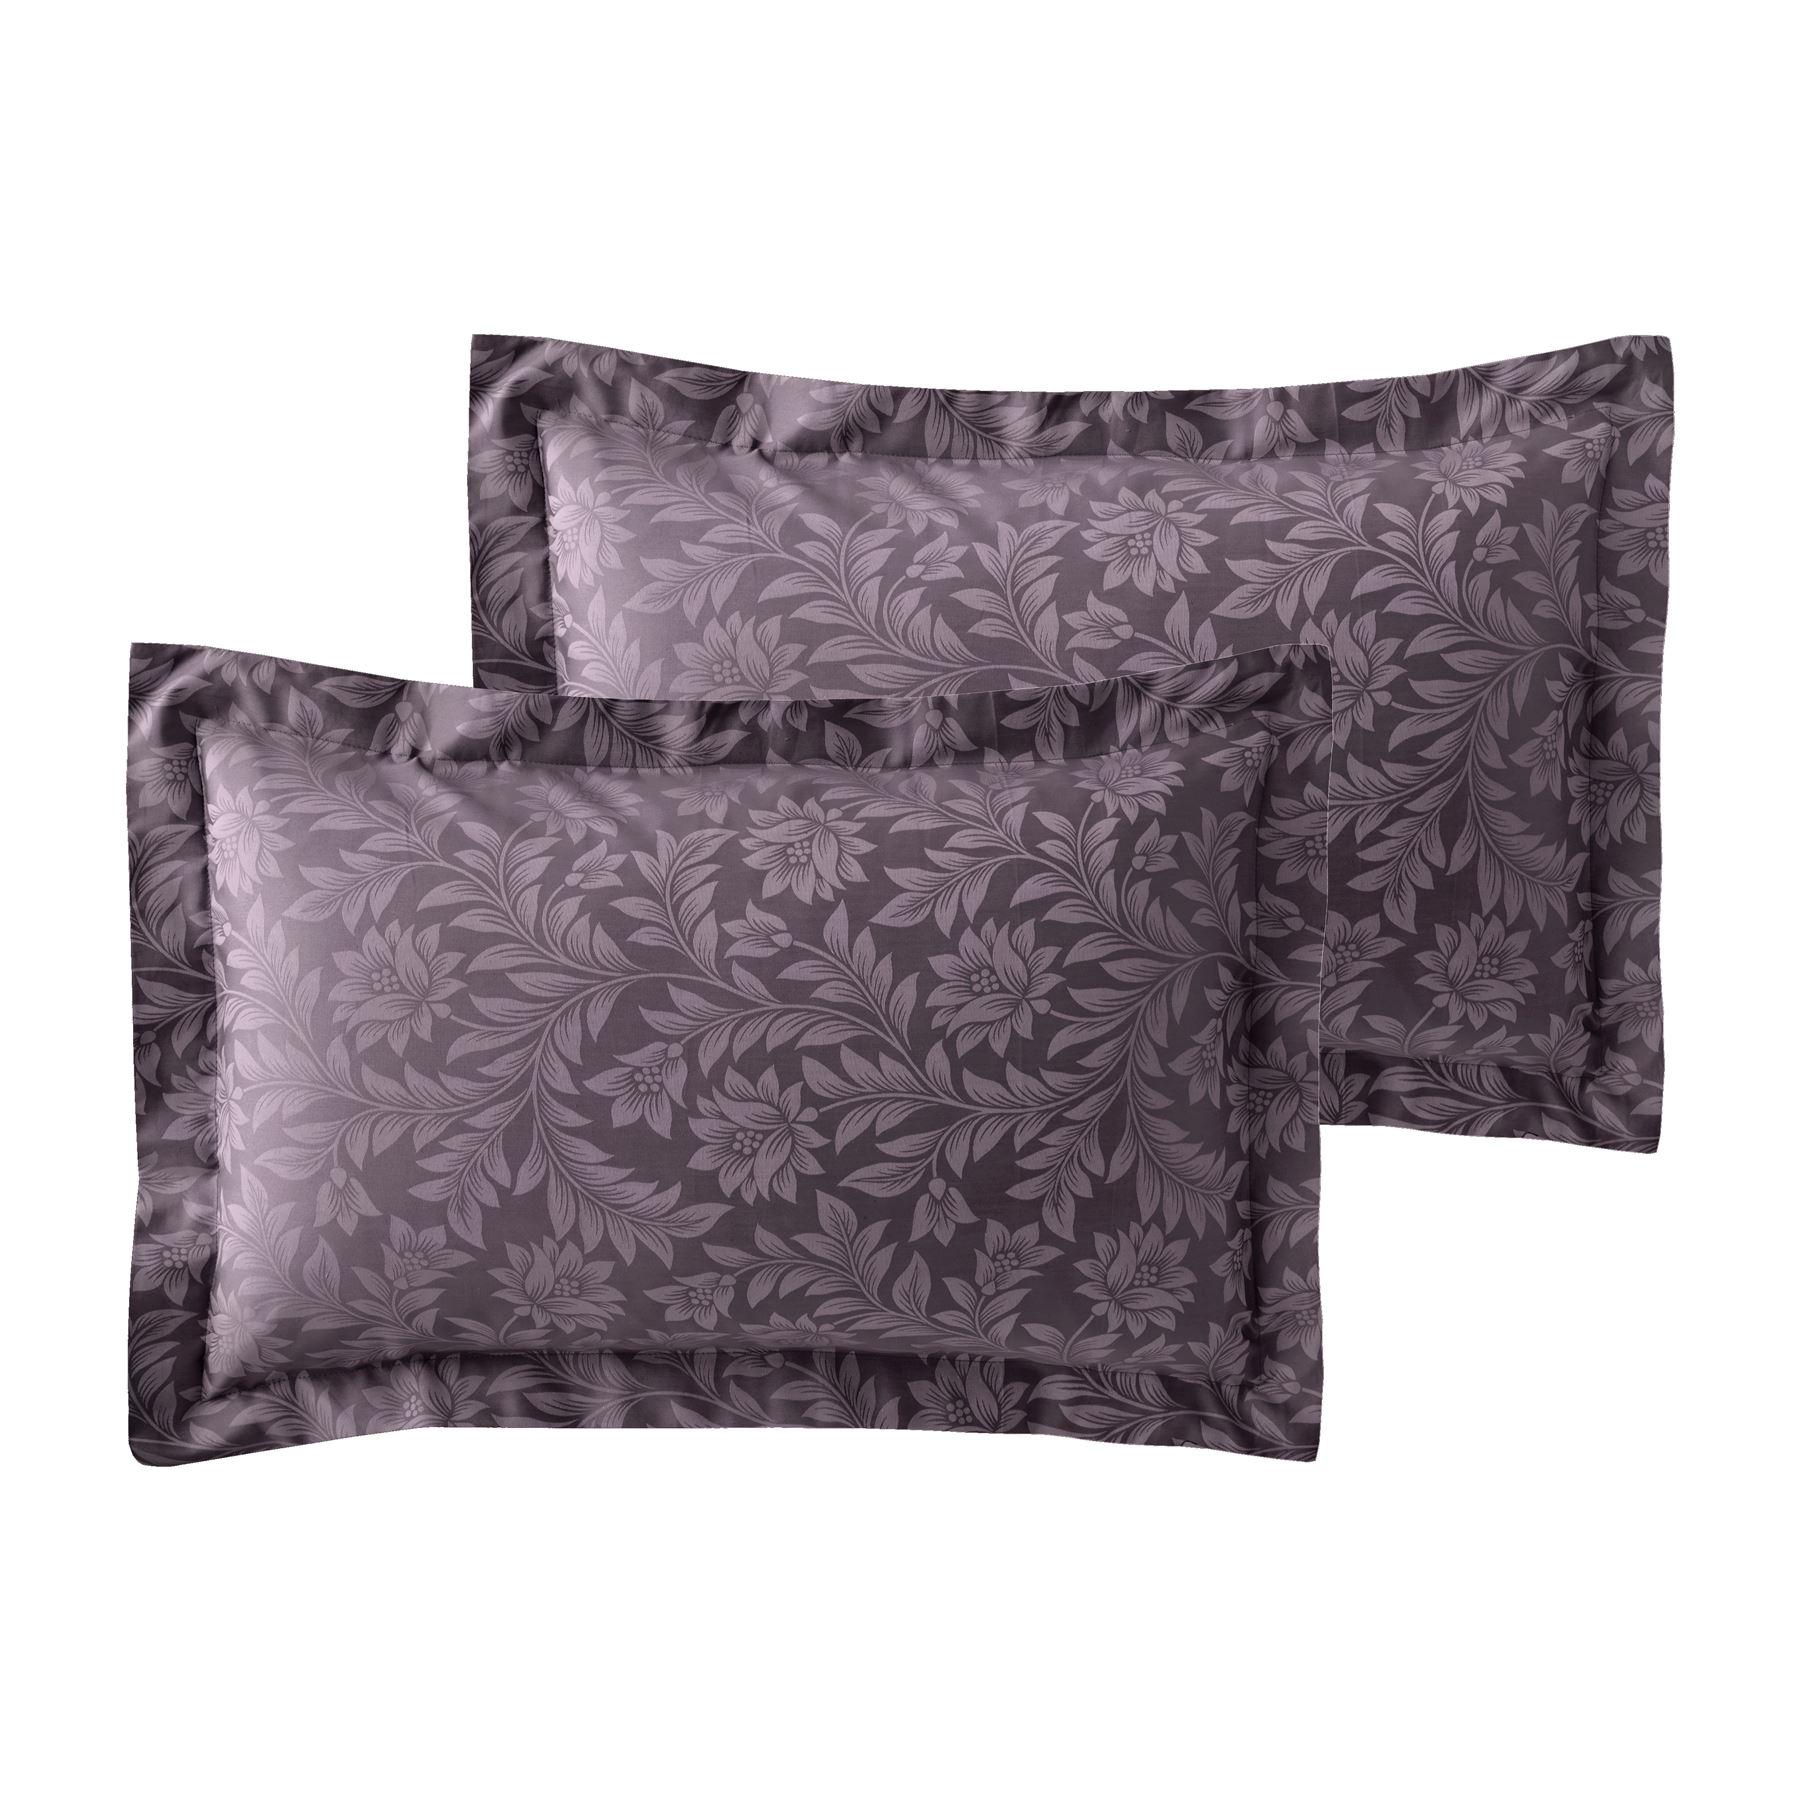 Jacquard-600-Hilos-De-Algodon-Rico-Floral-Duvet-Cover-Set-Fundas-de-almohada-Oxford miniatura 23